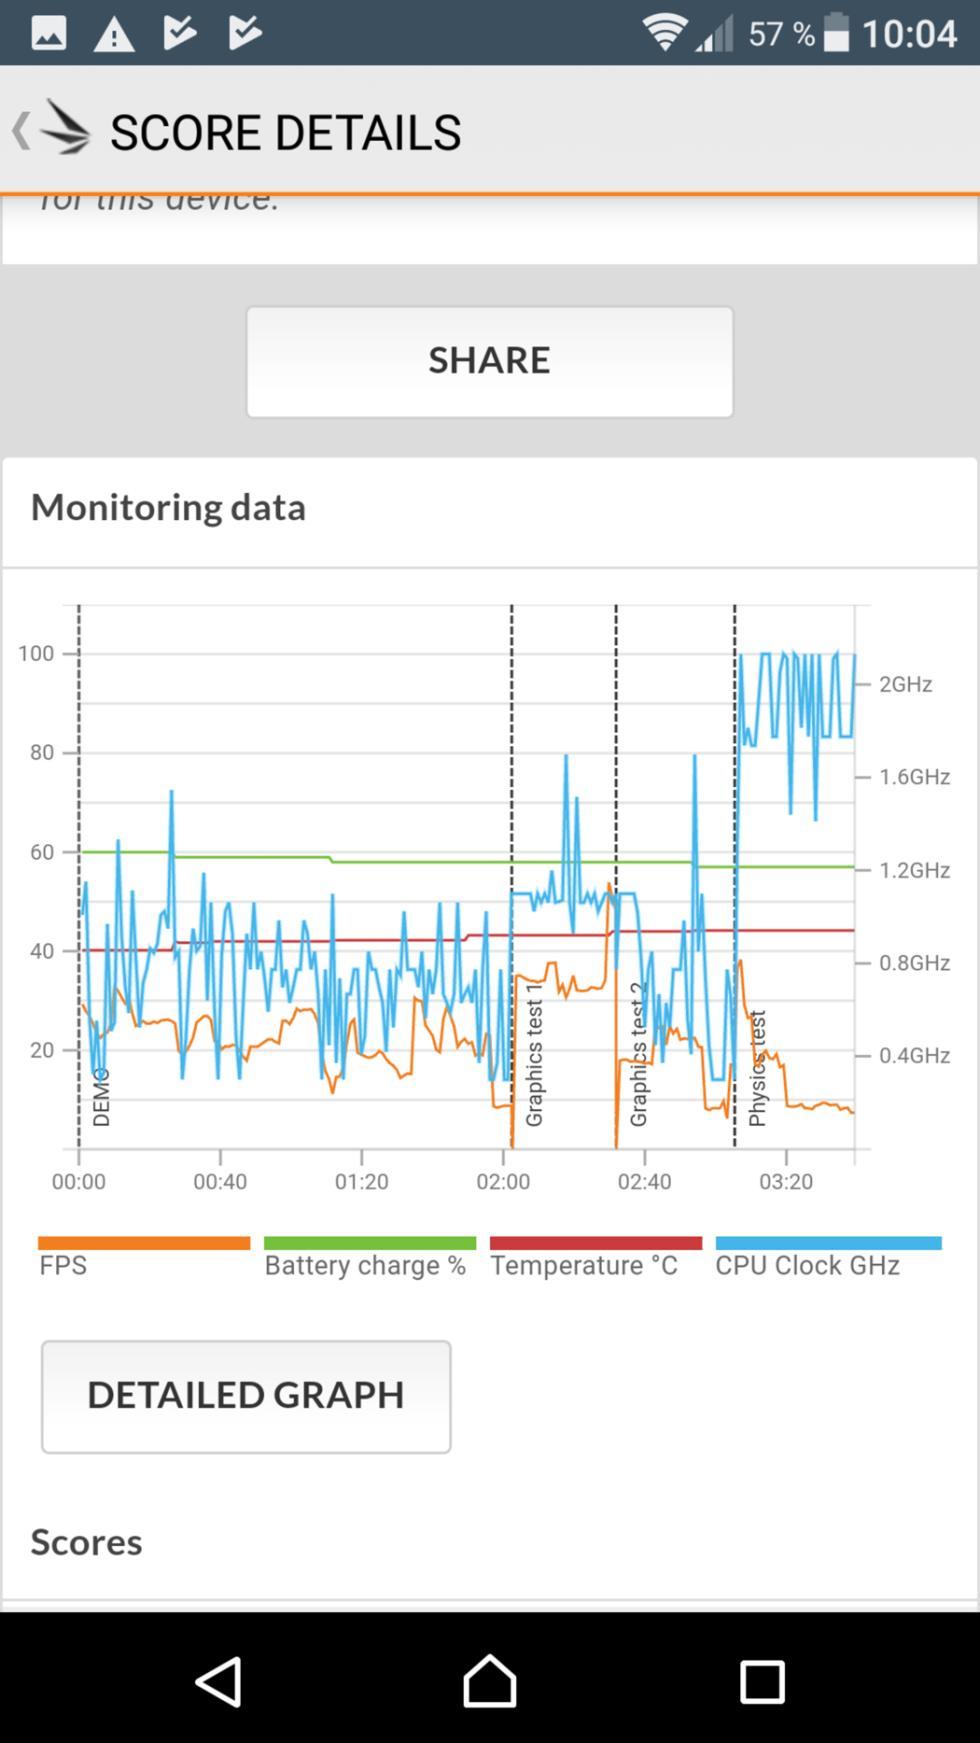 Pruebas de rendimiento del Sony Xperia XZ Premium: AnTuTu, 3DMark y GeekBench 4